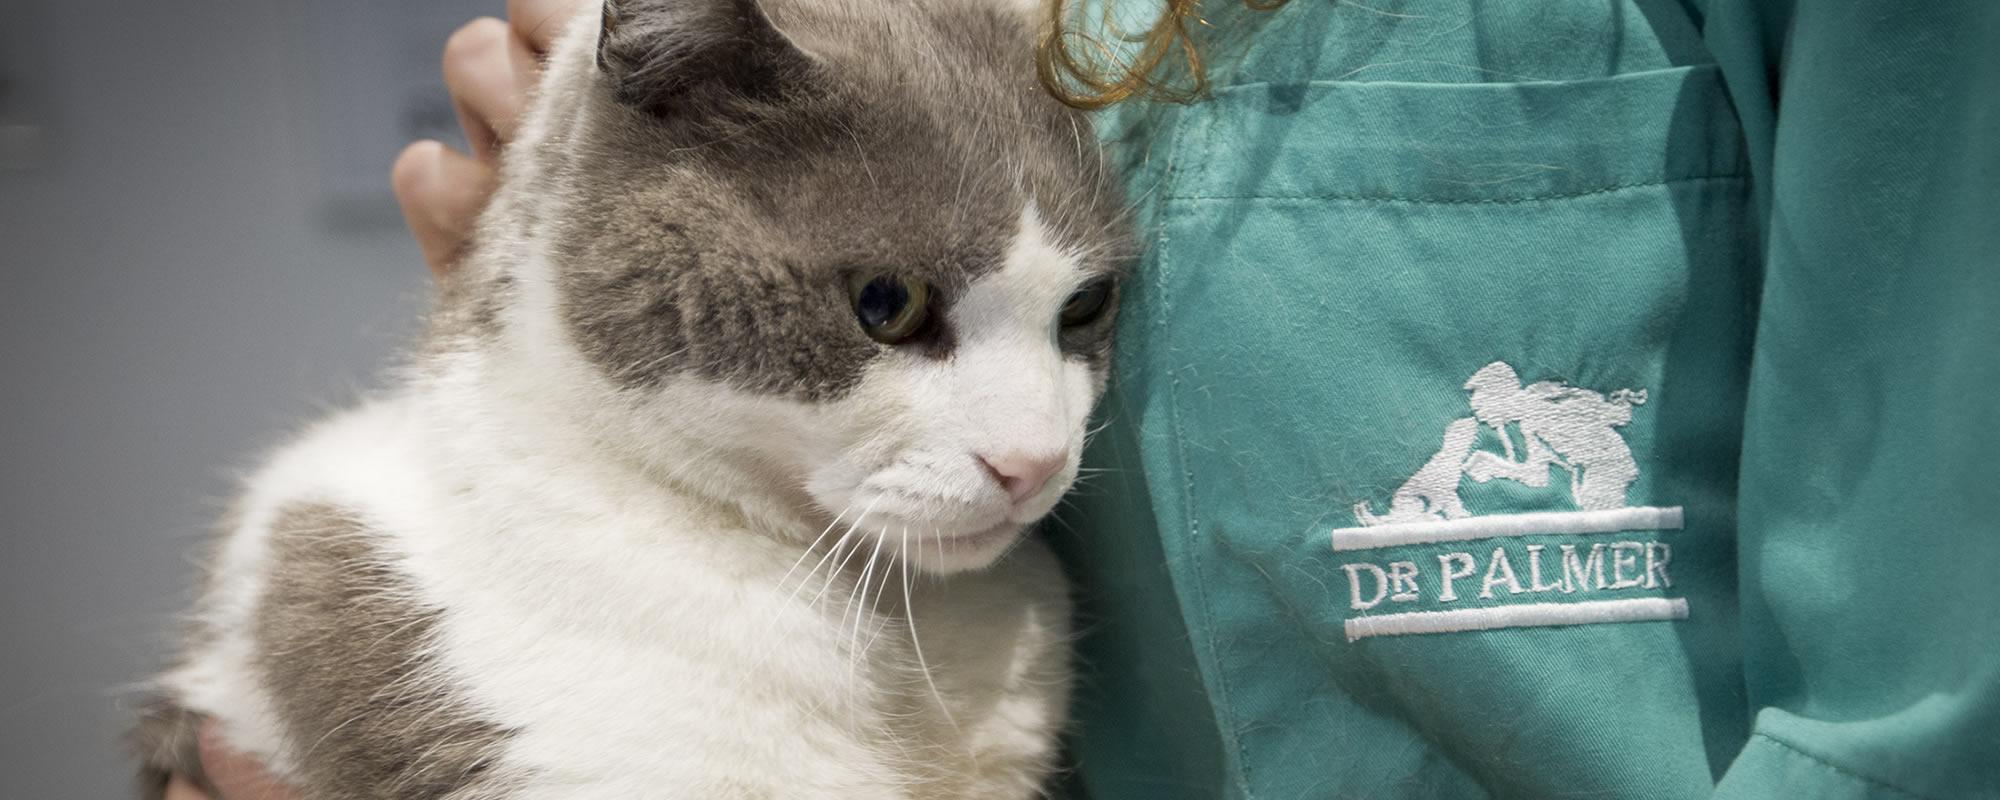 Clínica veterinaria <span>DR PALMER</span>